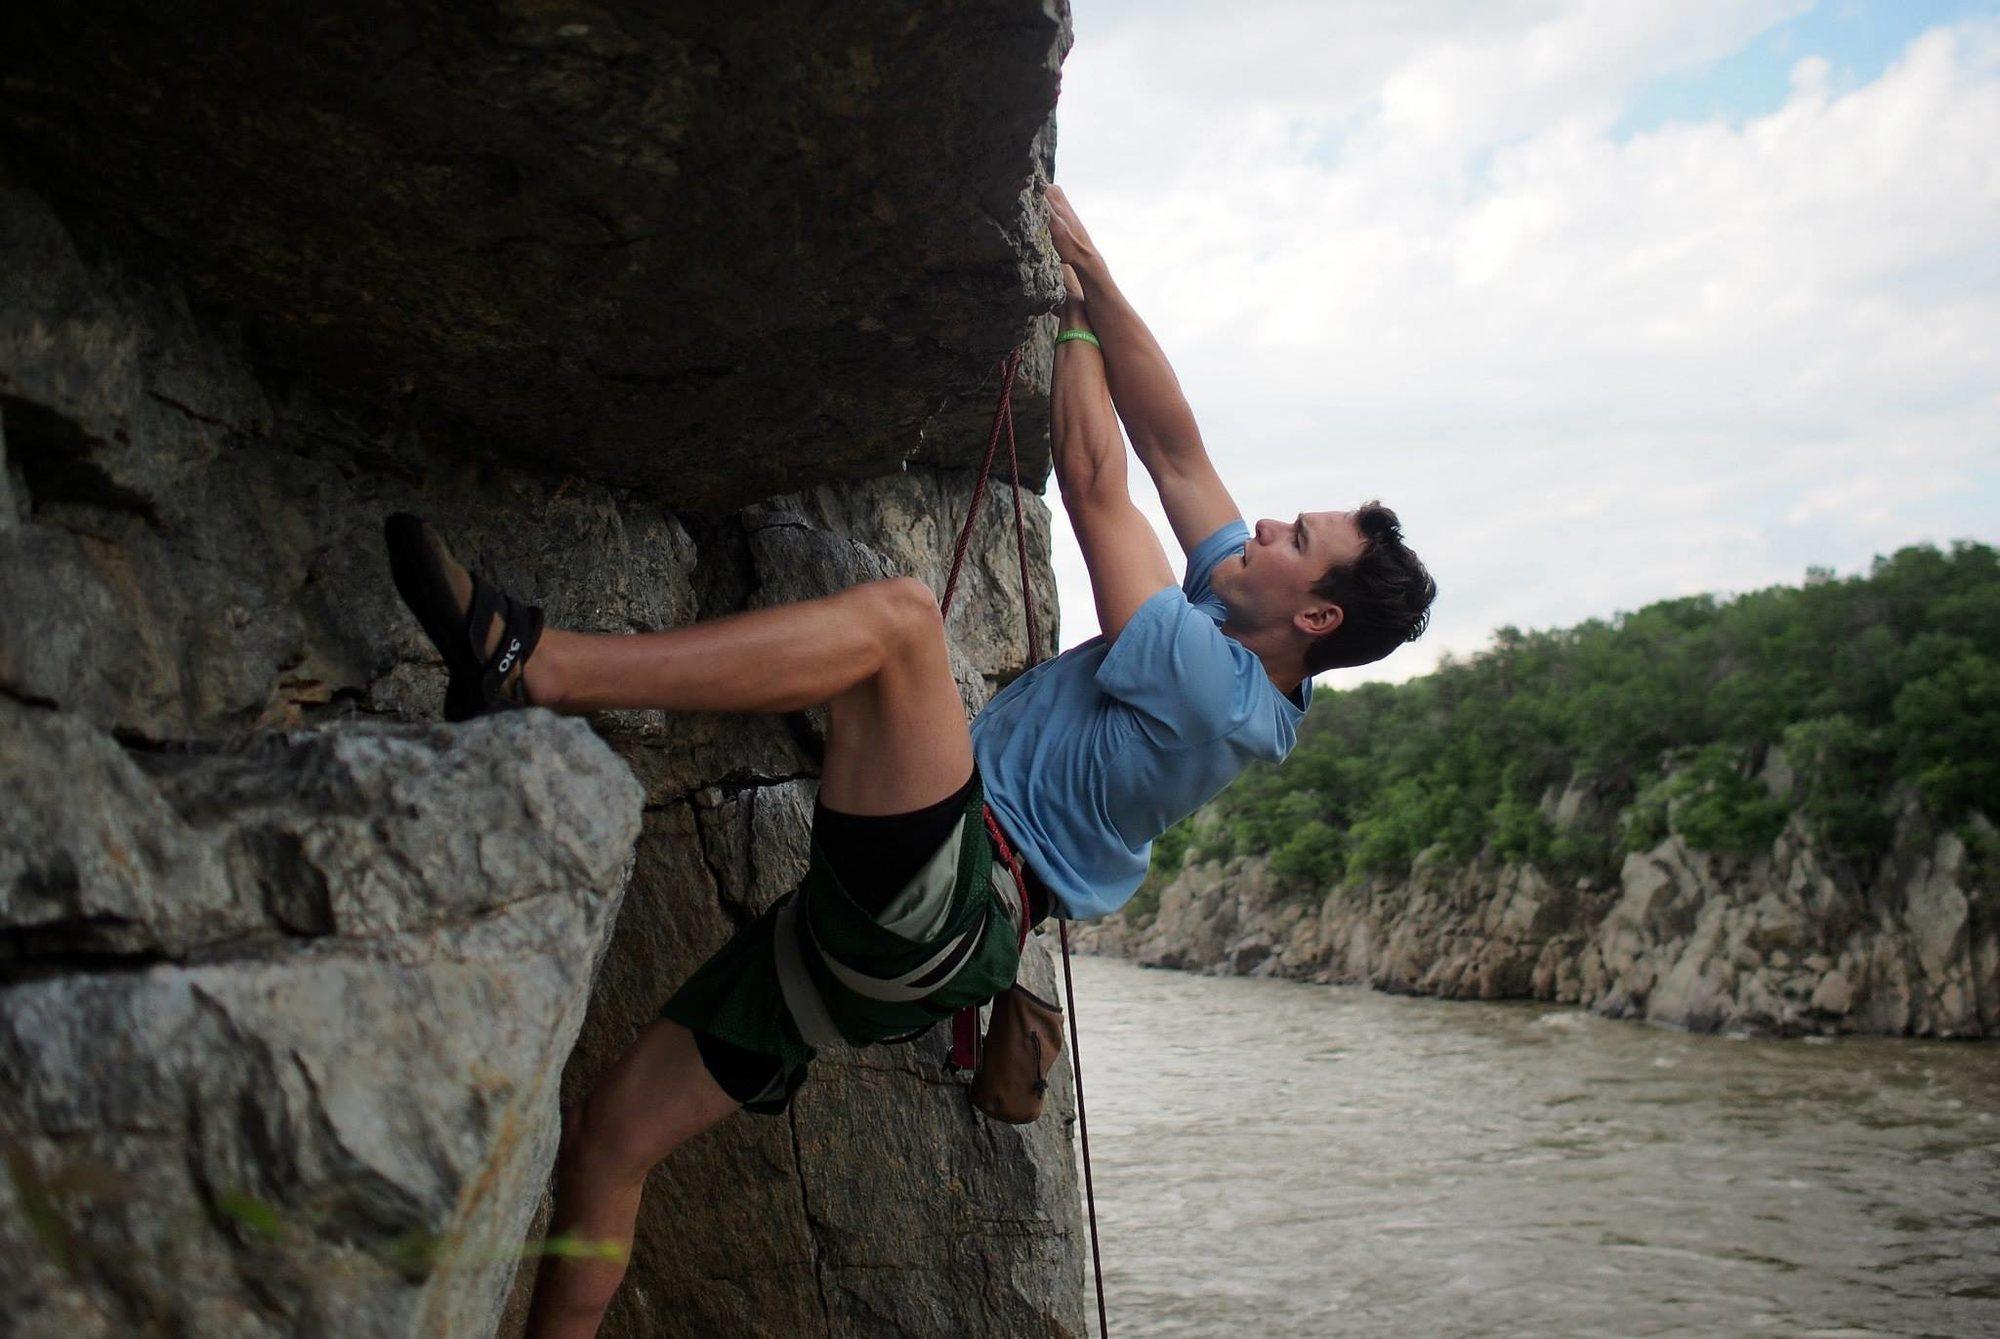 Photo: Gabe Boning, mountainproject.com